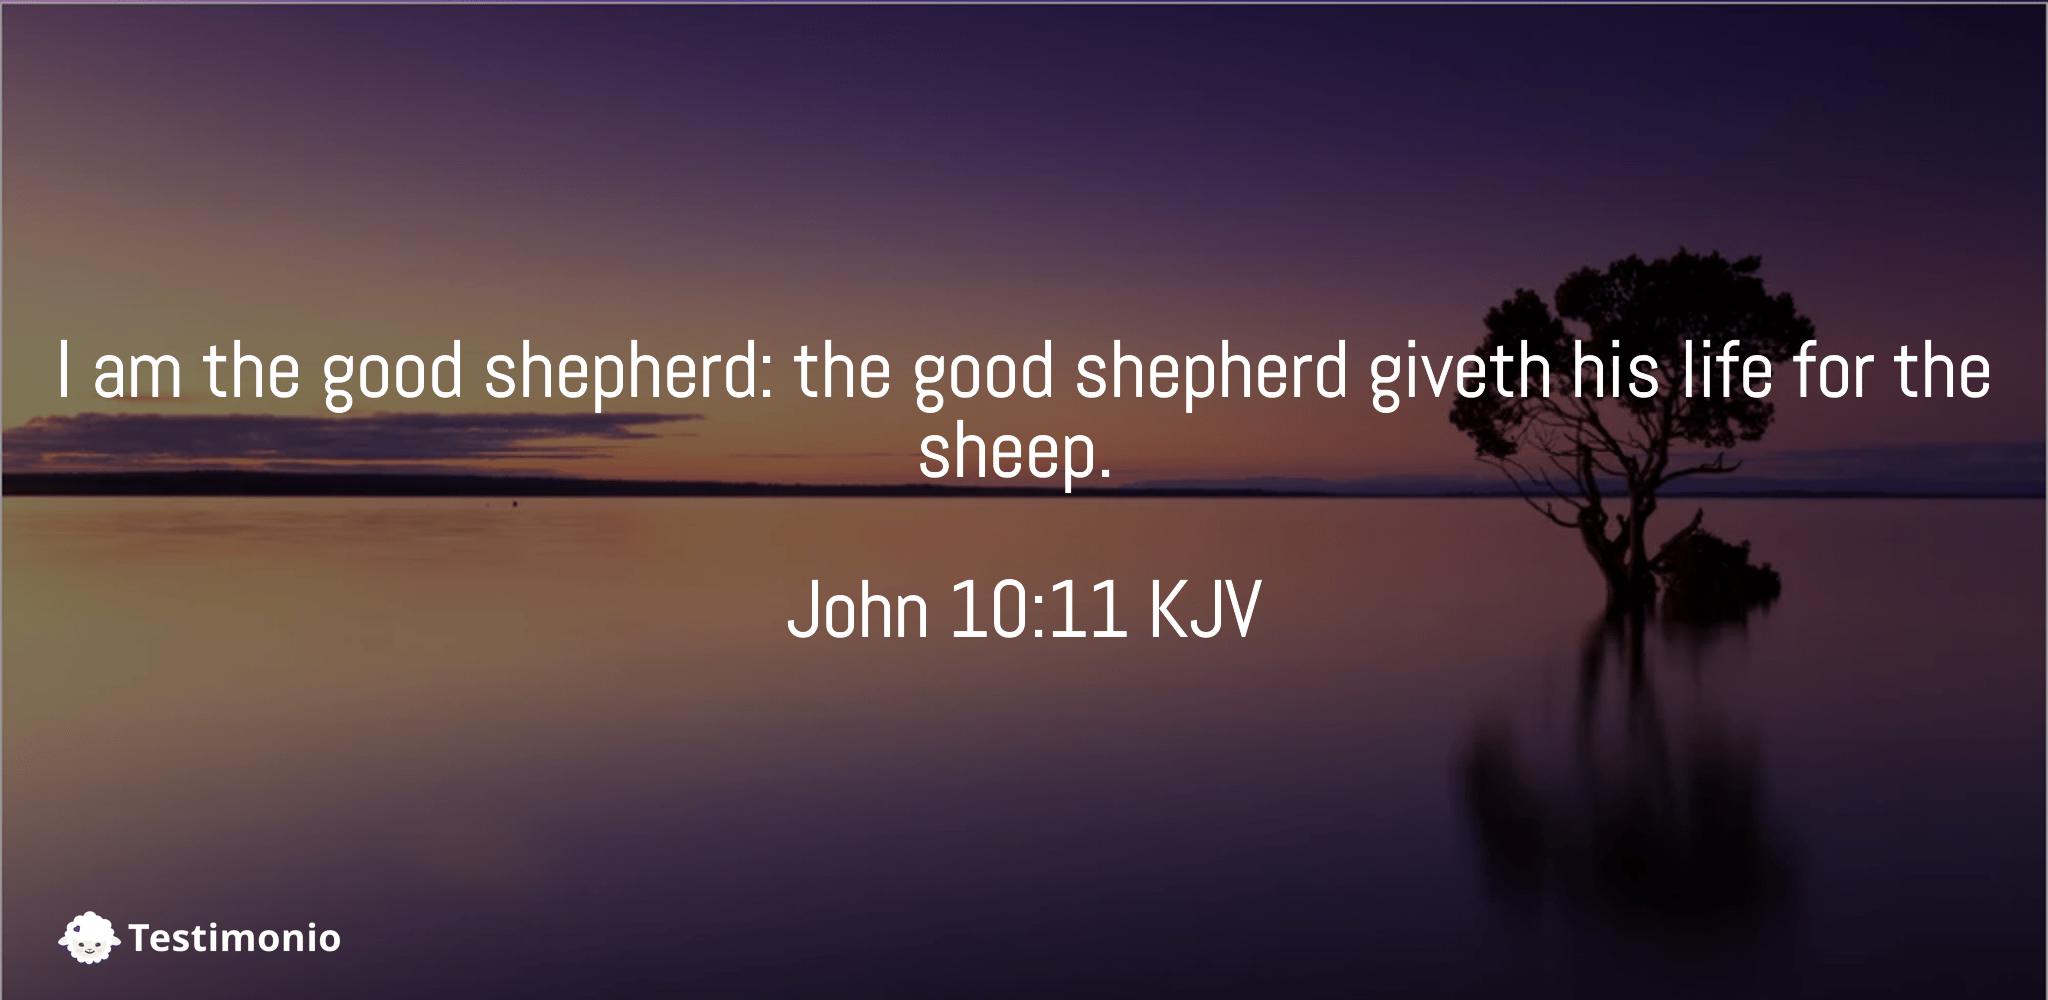 John 10:11